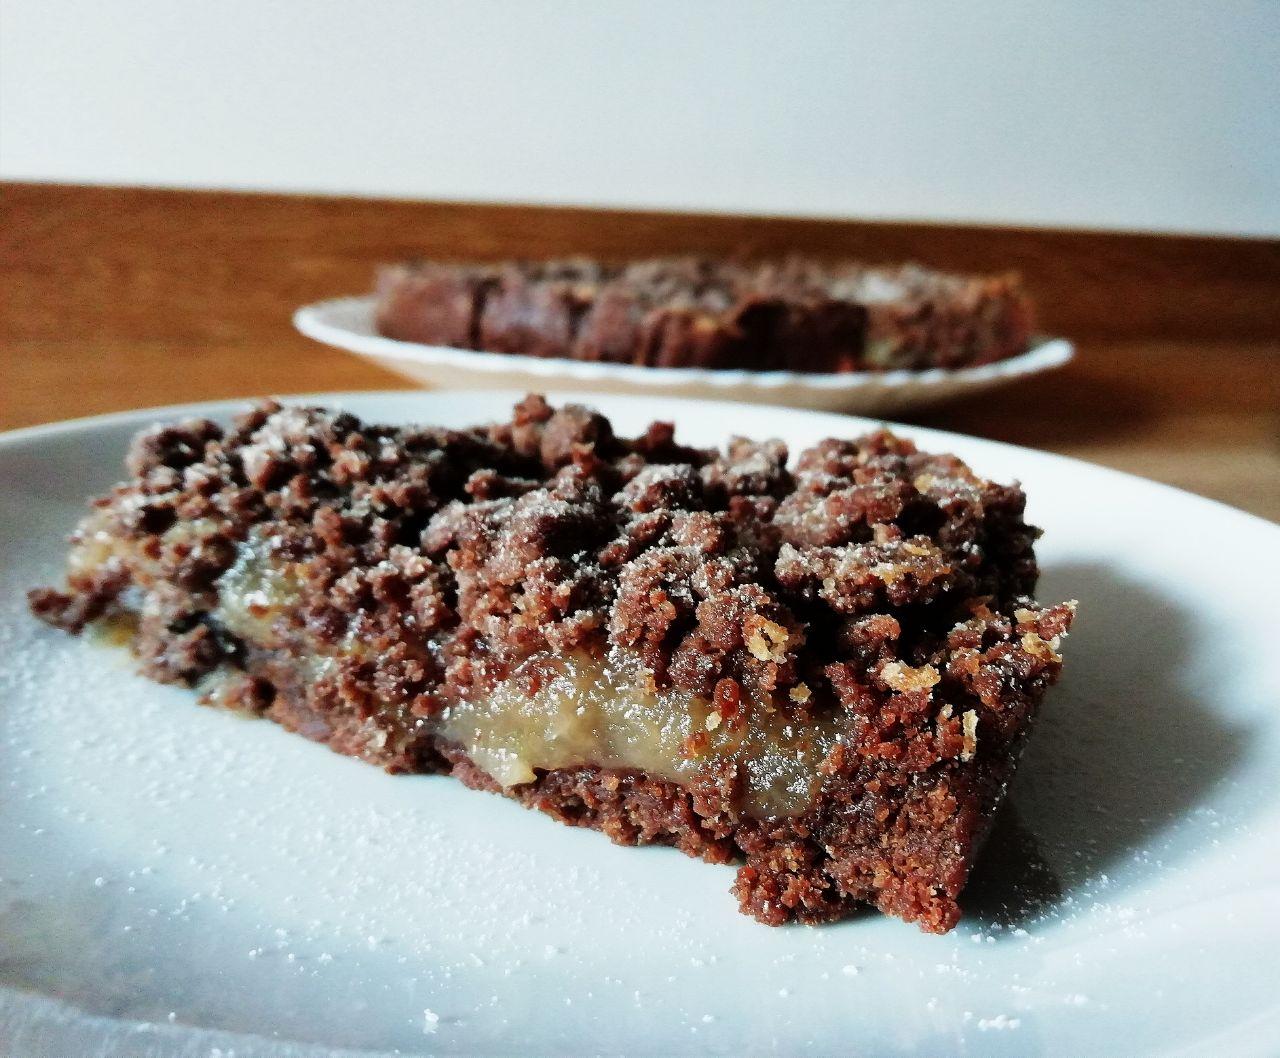 Dolci autunnali: torta sbrisolona al cioccolato con marmellata di mele cotogne, senza burro e senza lattosio!